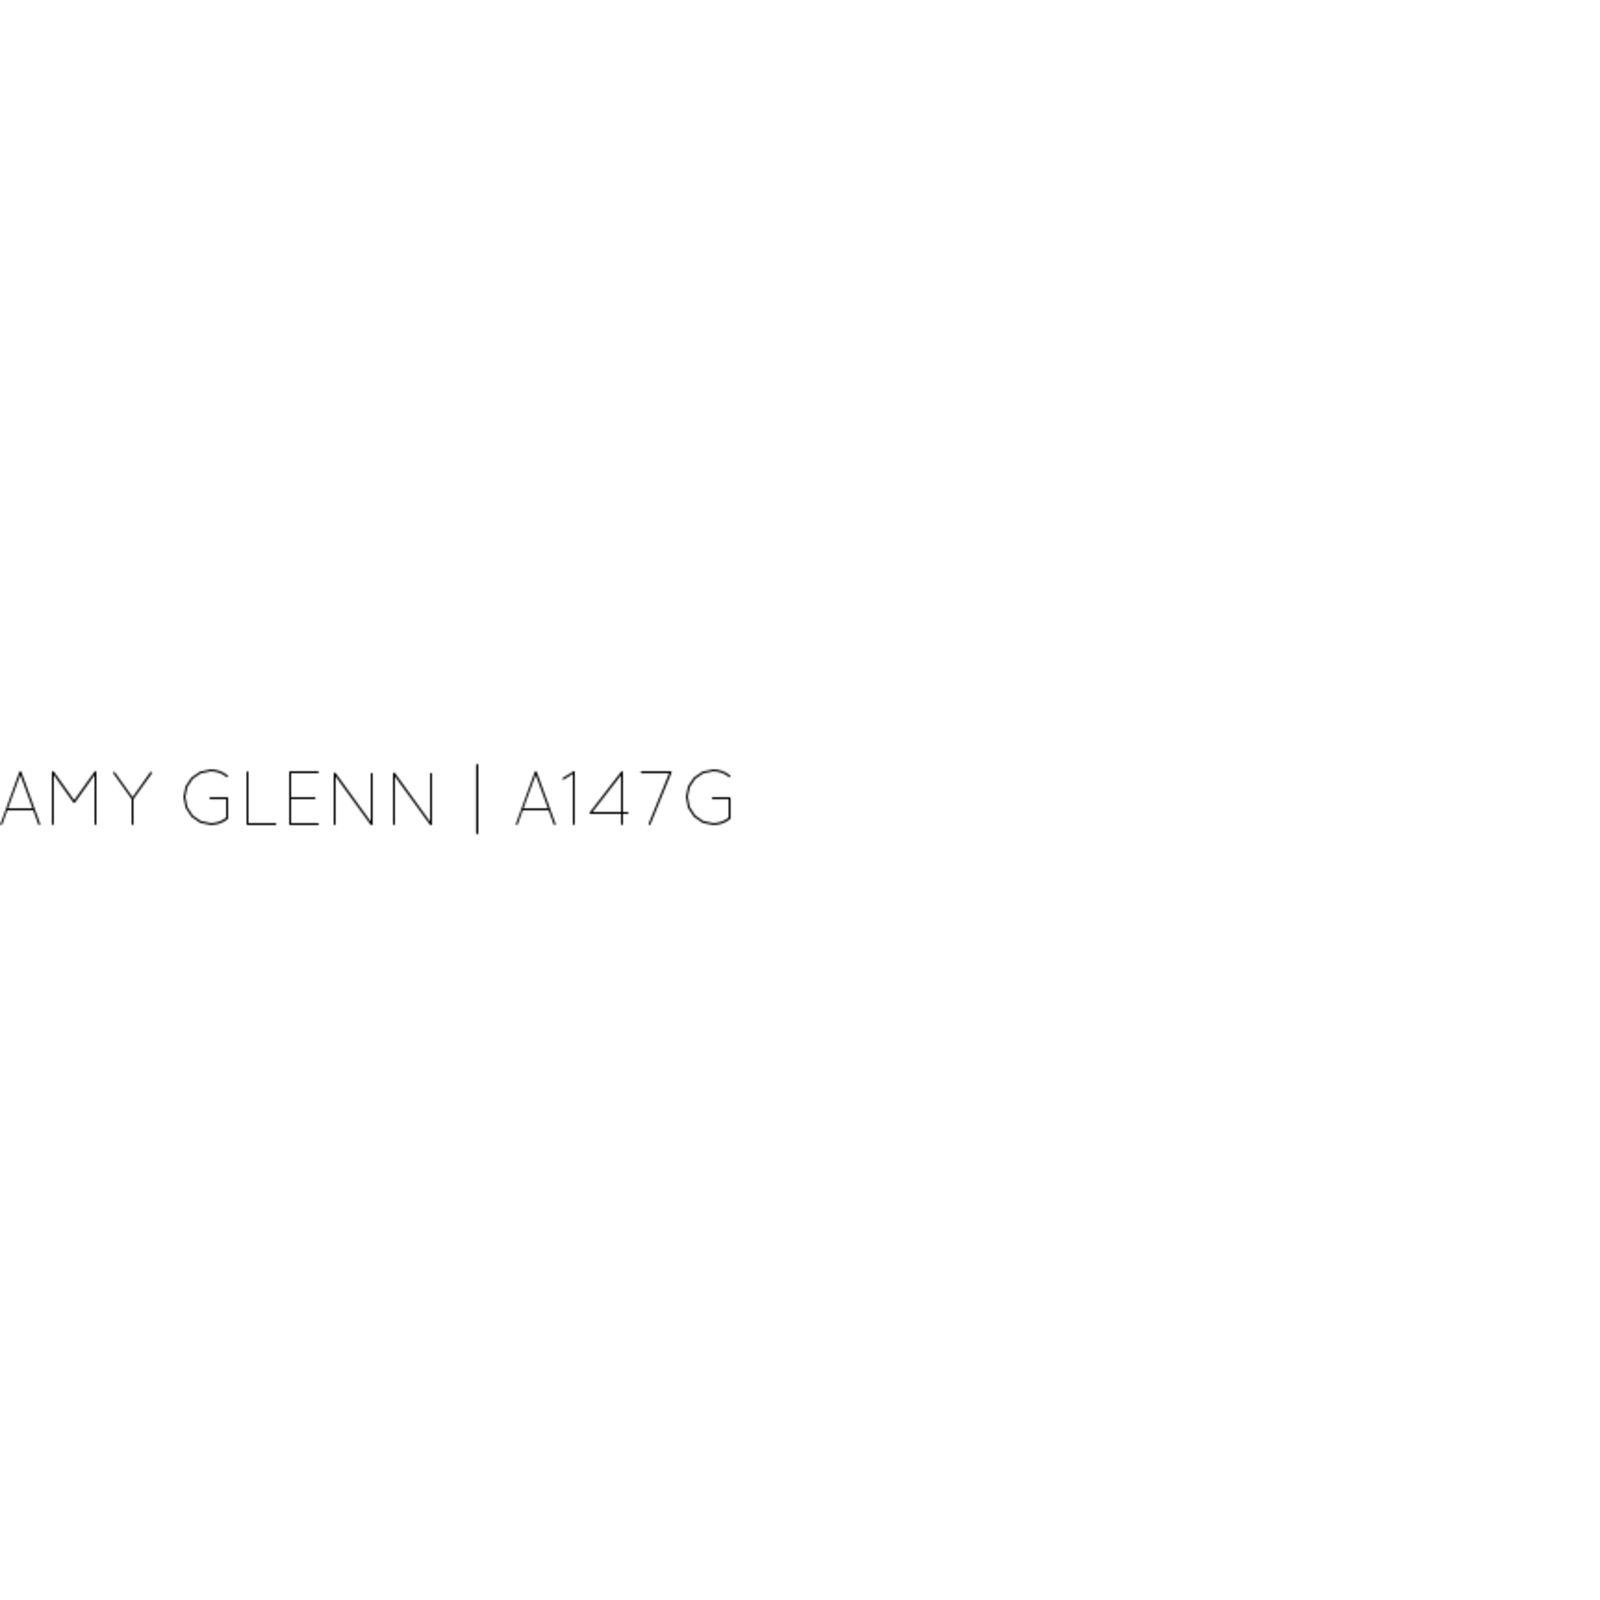 AMY GLENN |A147G